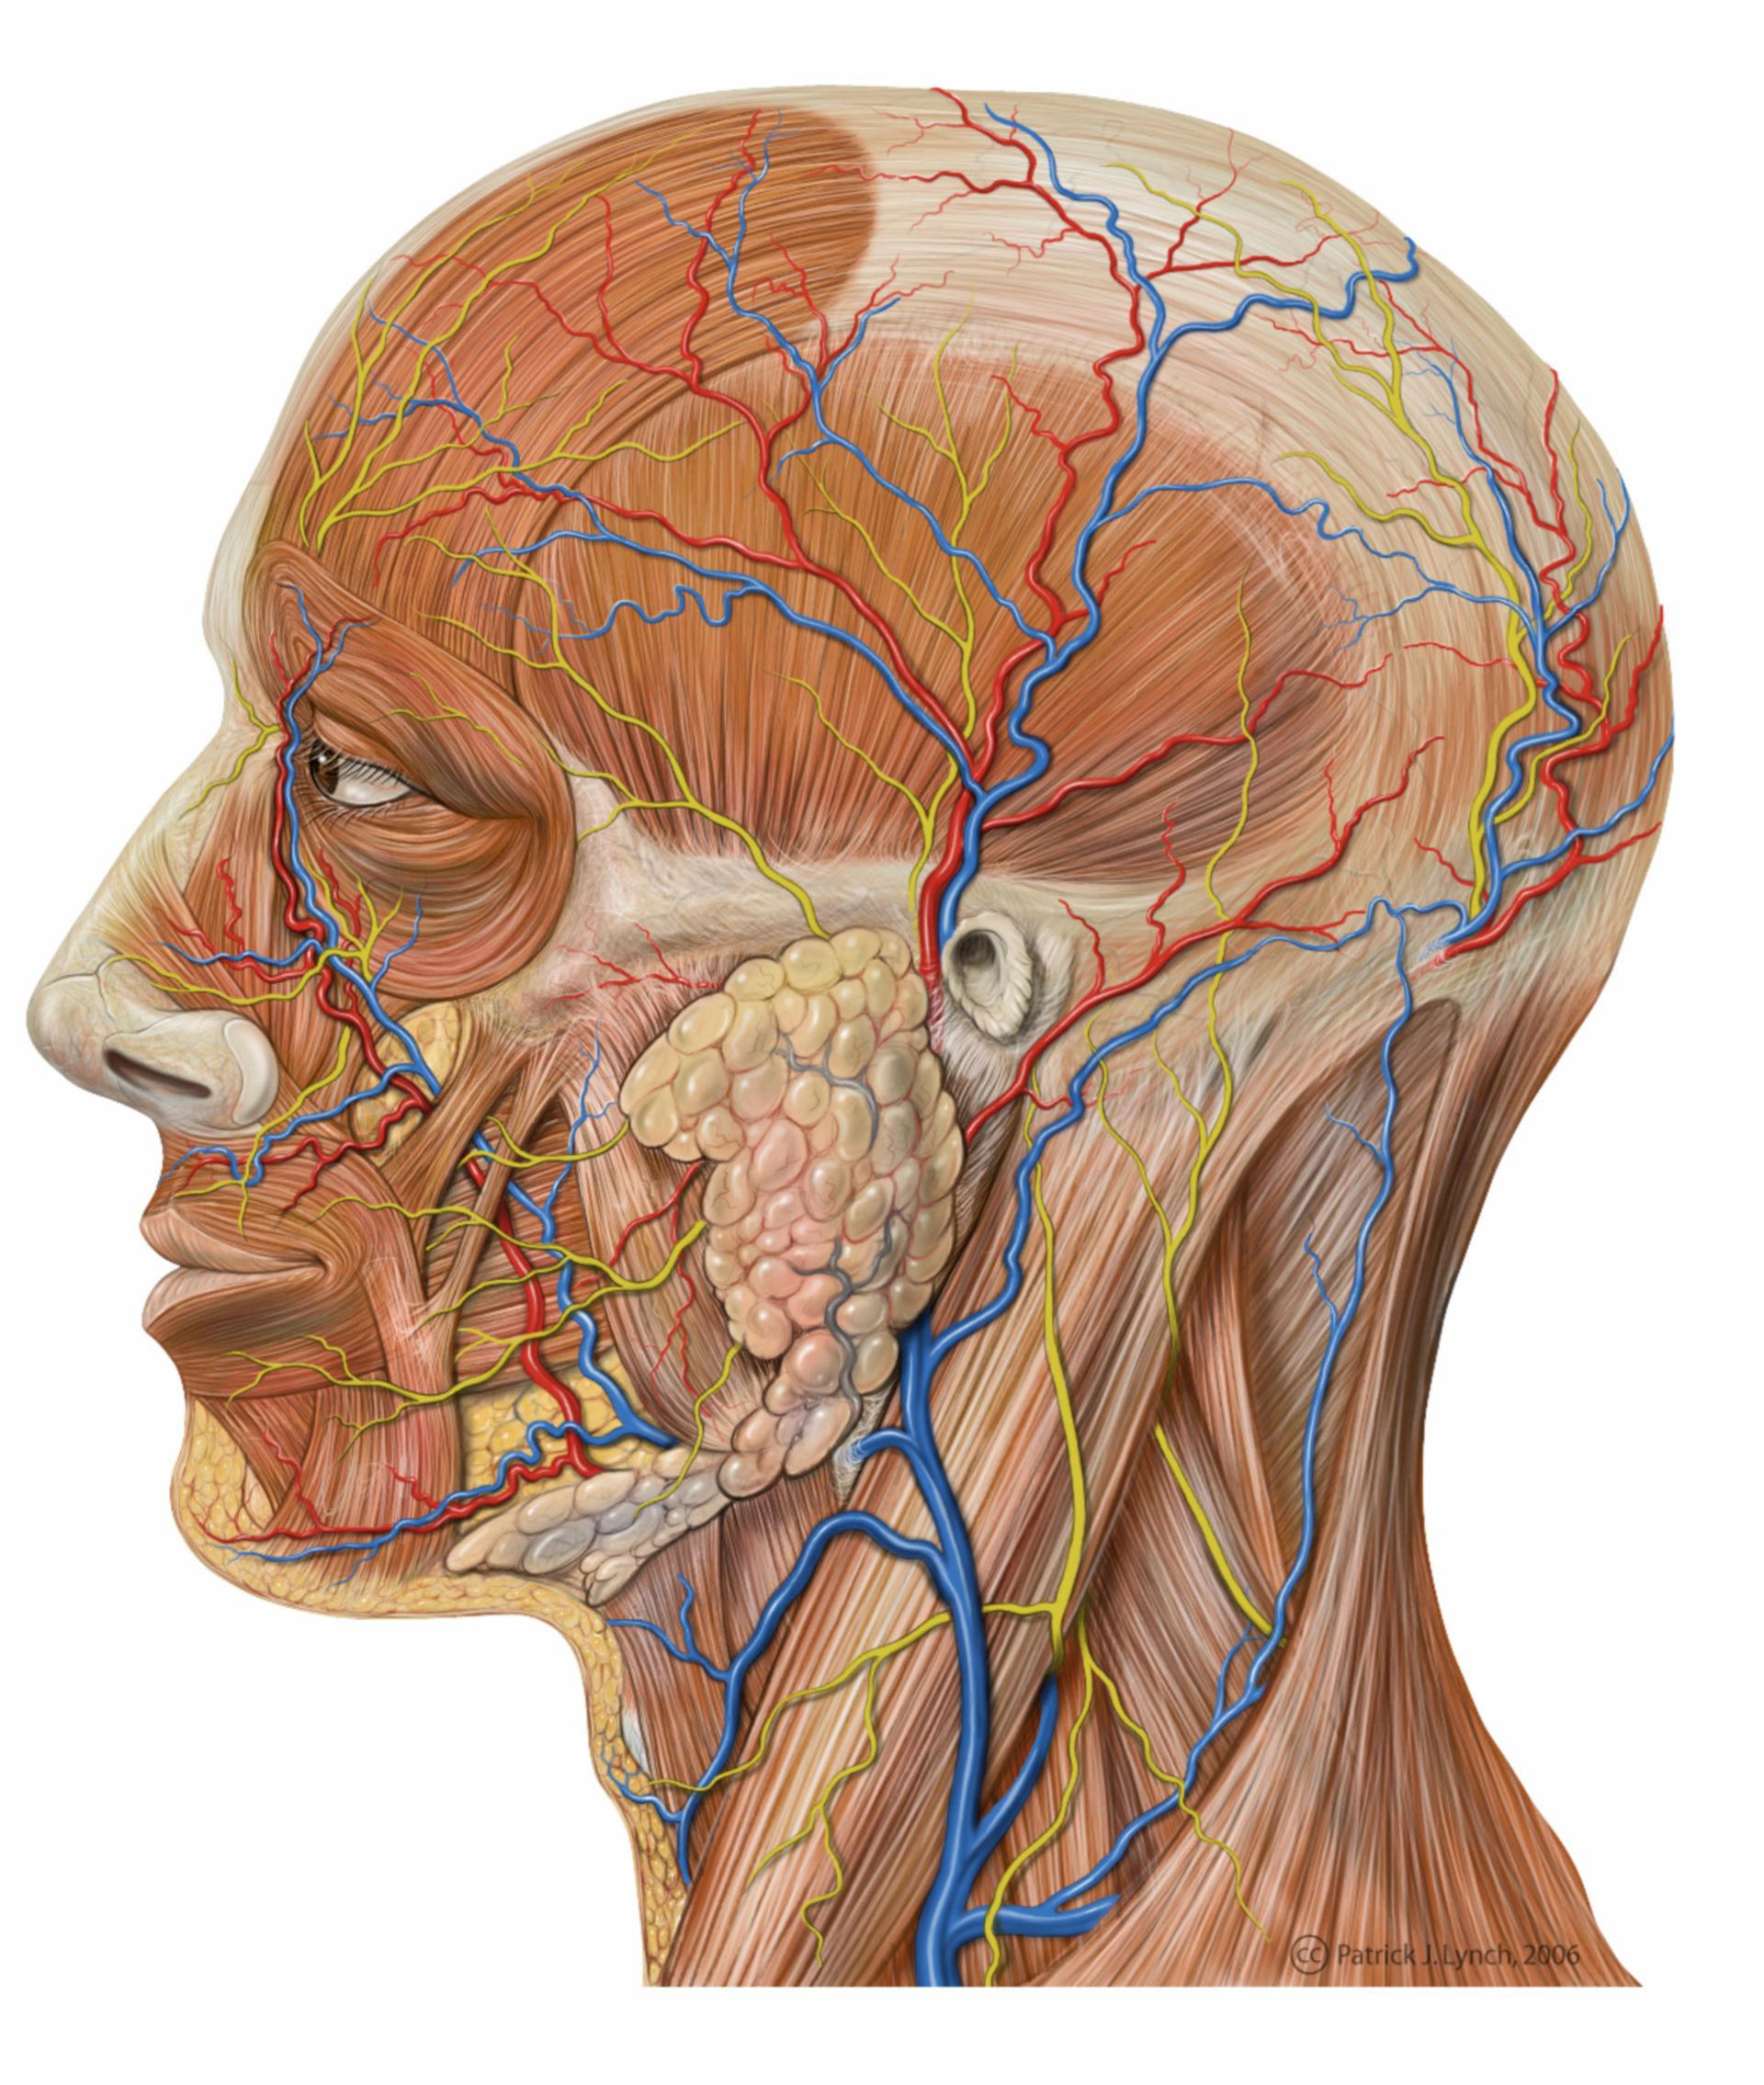 Anatomia della testa (illustrazione, vista laterale)